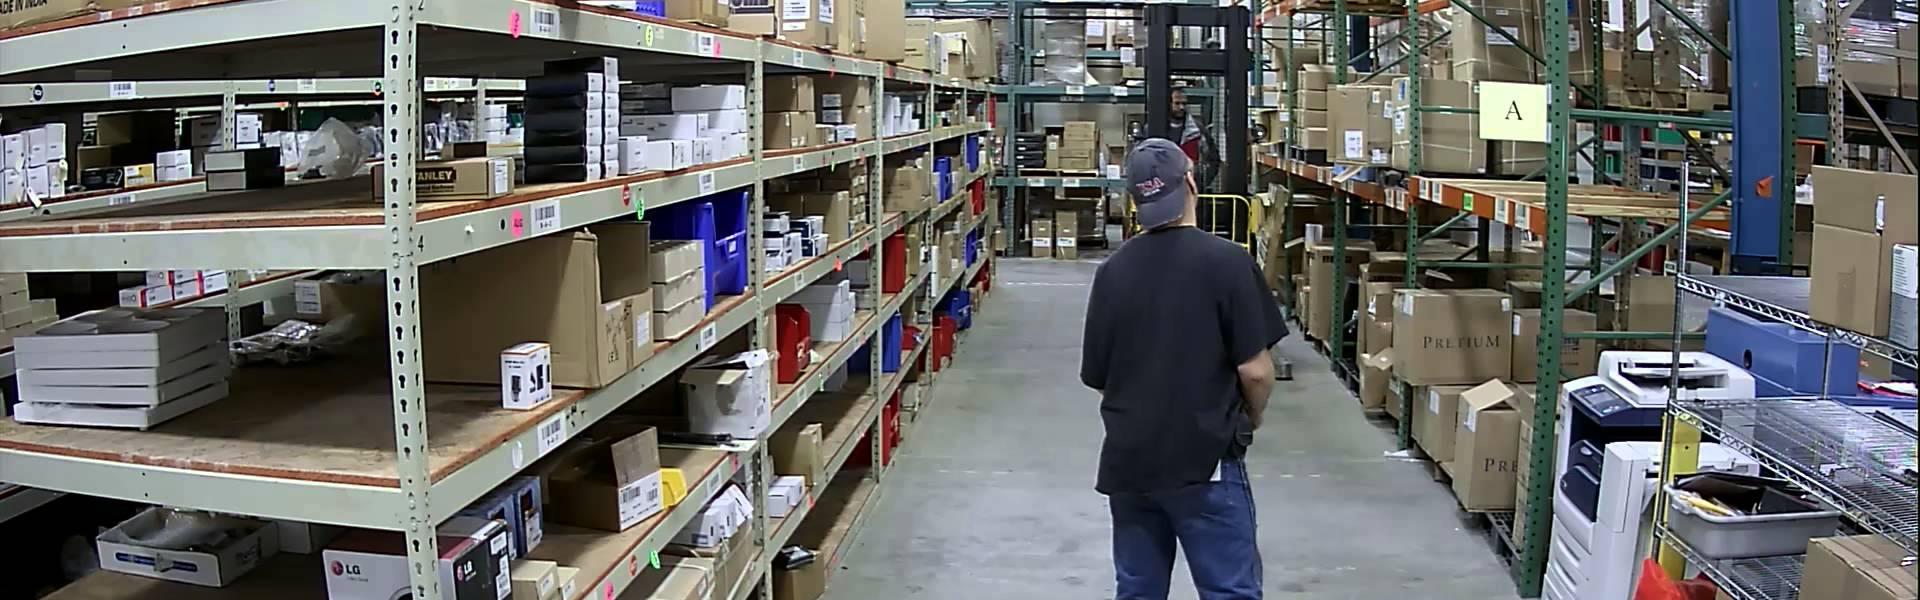 Monitorovanie v priemysle